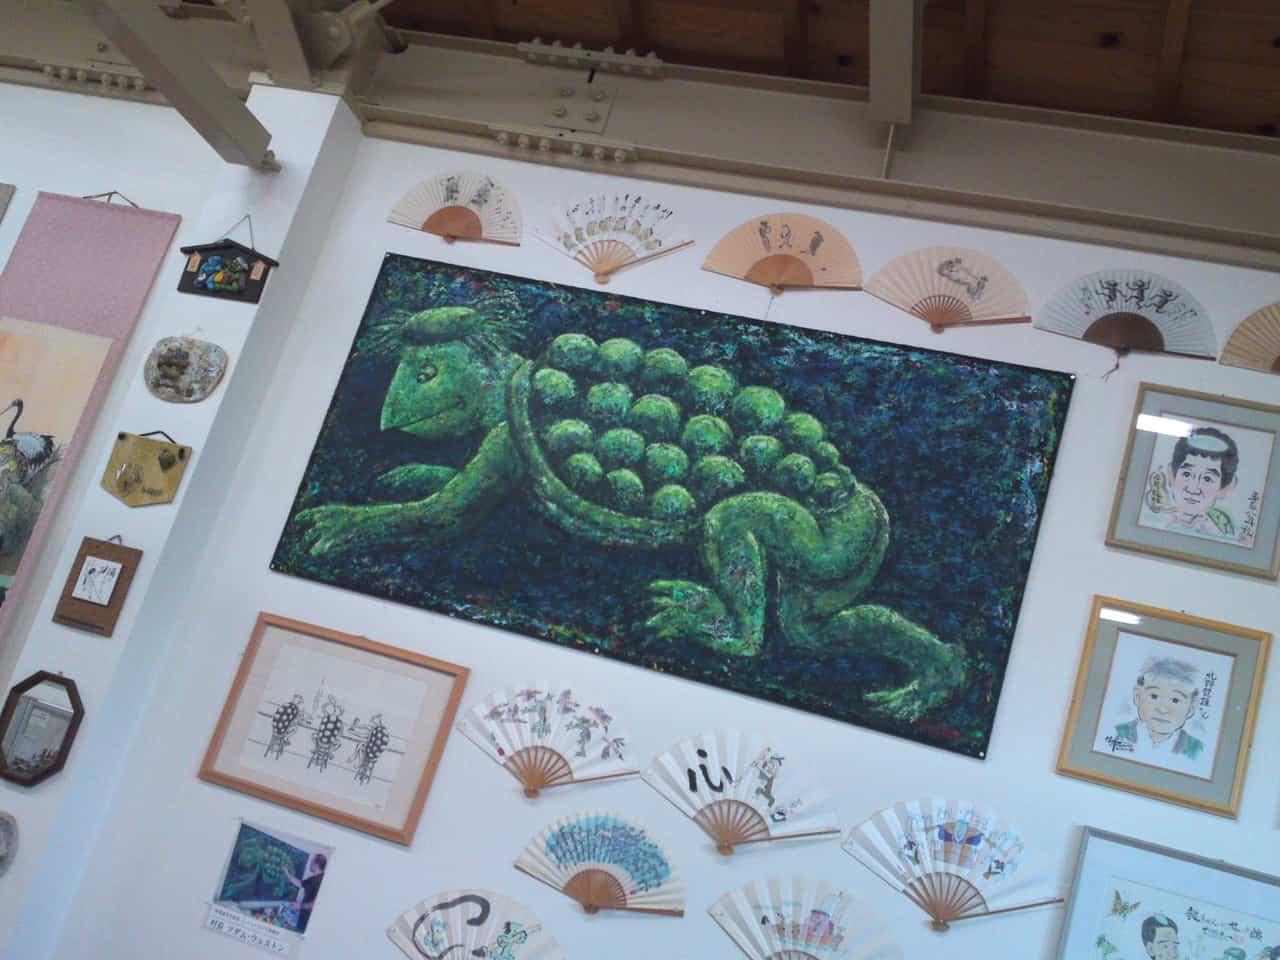 Collection de Kappa au Musée de Kappa de Tach-chan's dans la Ville de Yaizu peint par un artiste américain